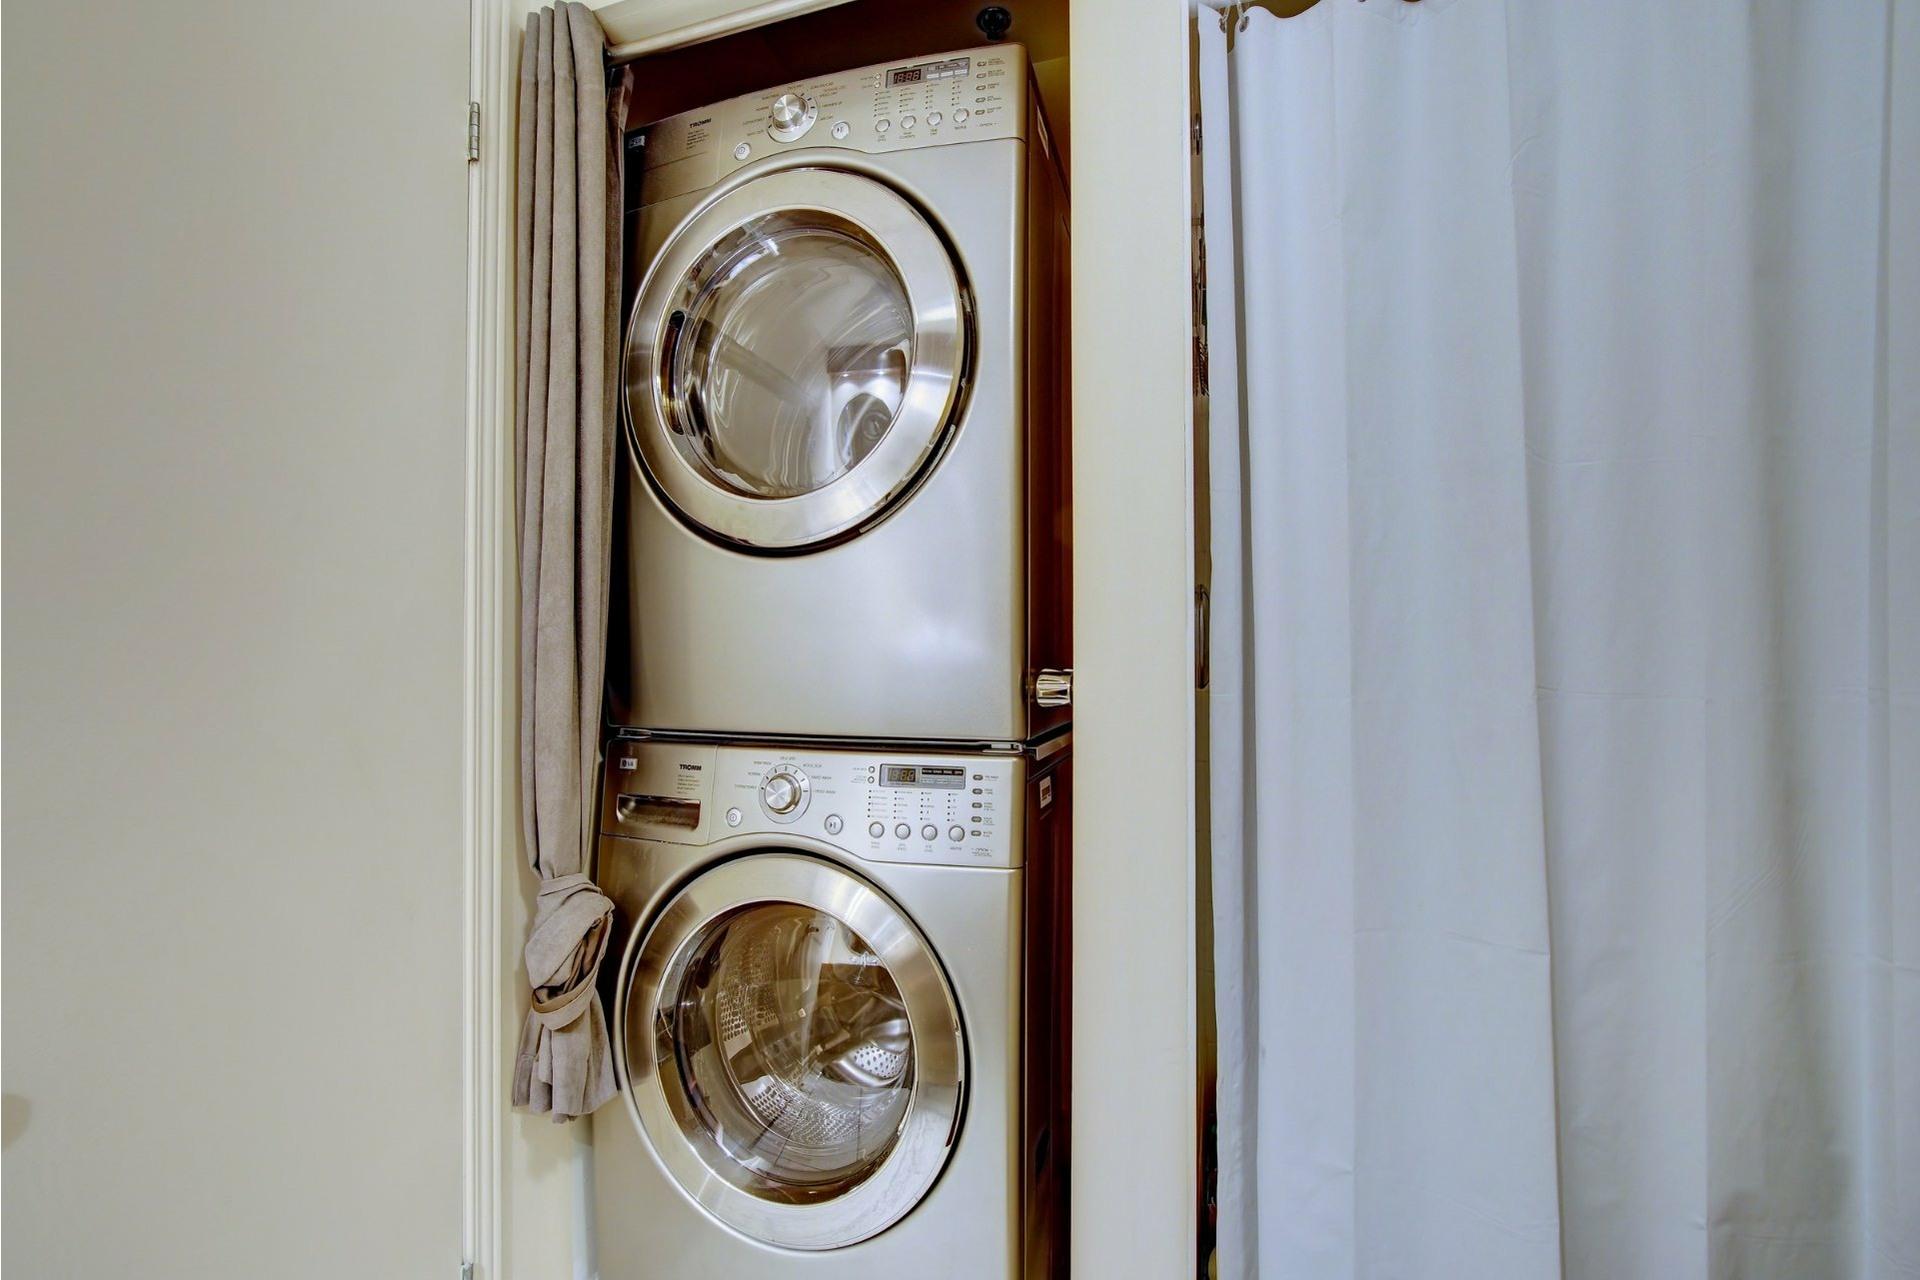 image 18 - Apartment For rent Laval-des-Rapides Laval  - 5 rooms